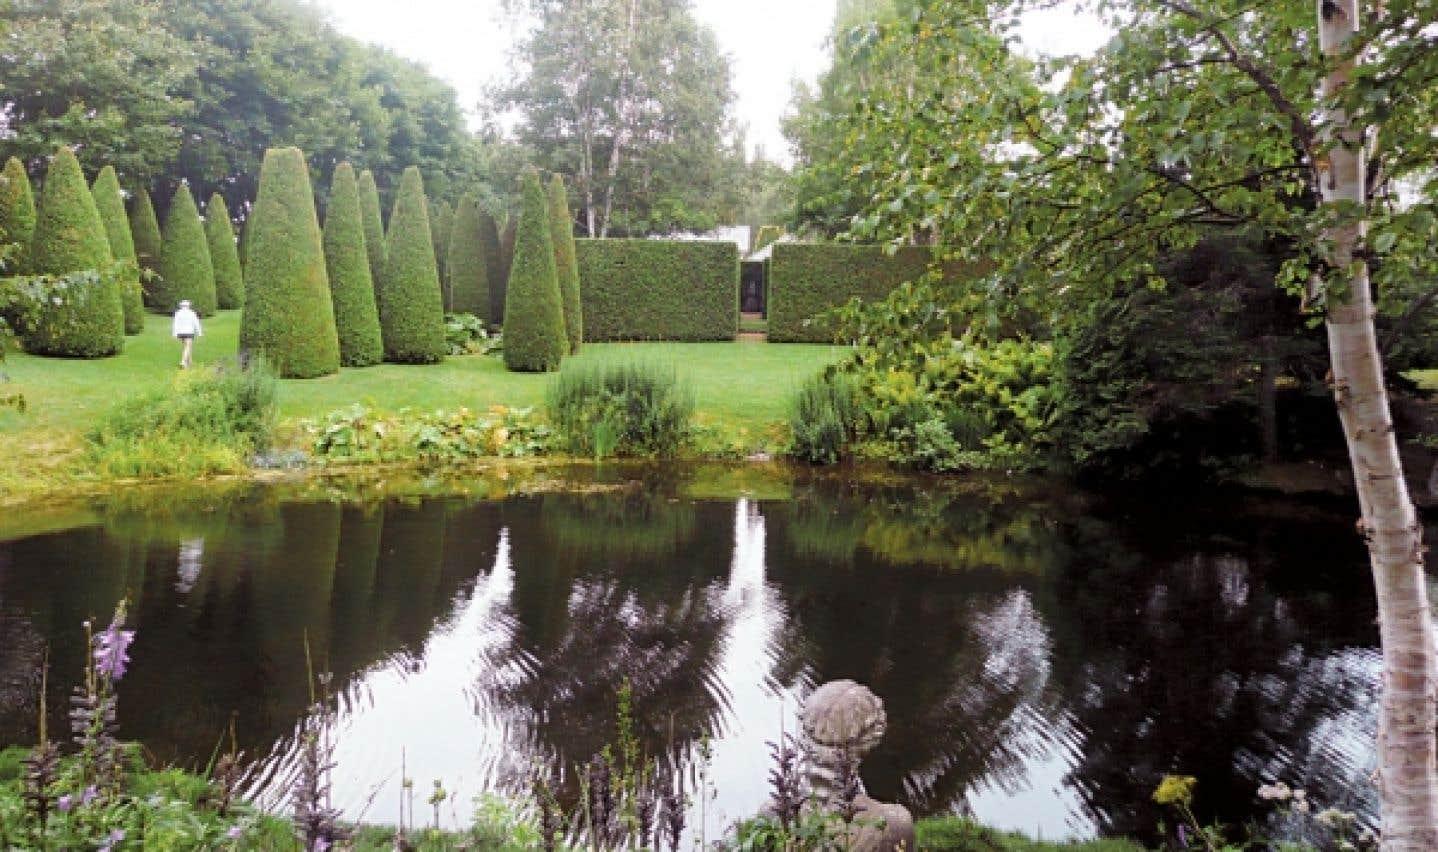 Les jardins de Quatre-Vents, dans Charlevoix, font partie des grands jardins privés de l'Amérique du Nord. Voici l'impeccable et impressionnante allée des thuyas et, à l'avant-plan, le lac des Libellules.